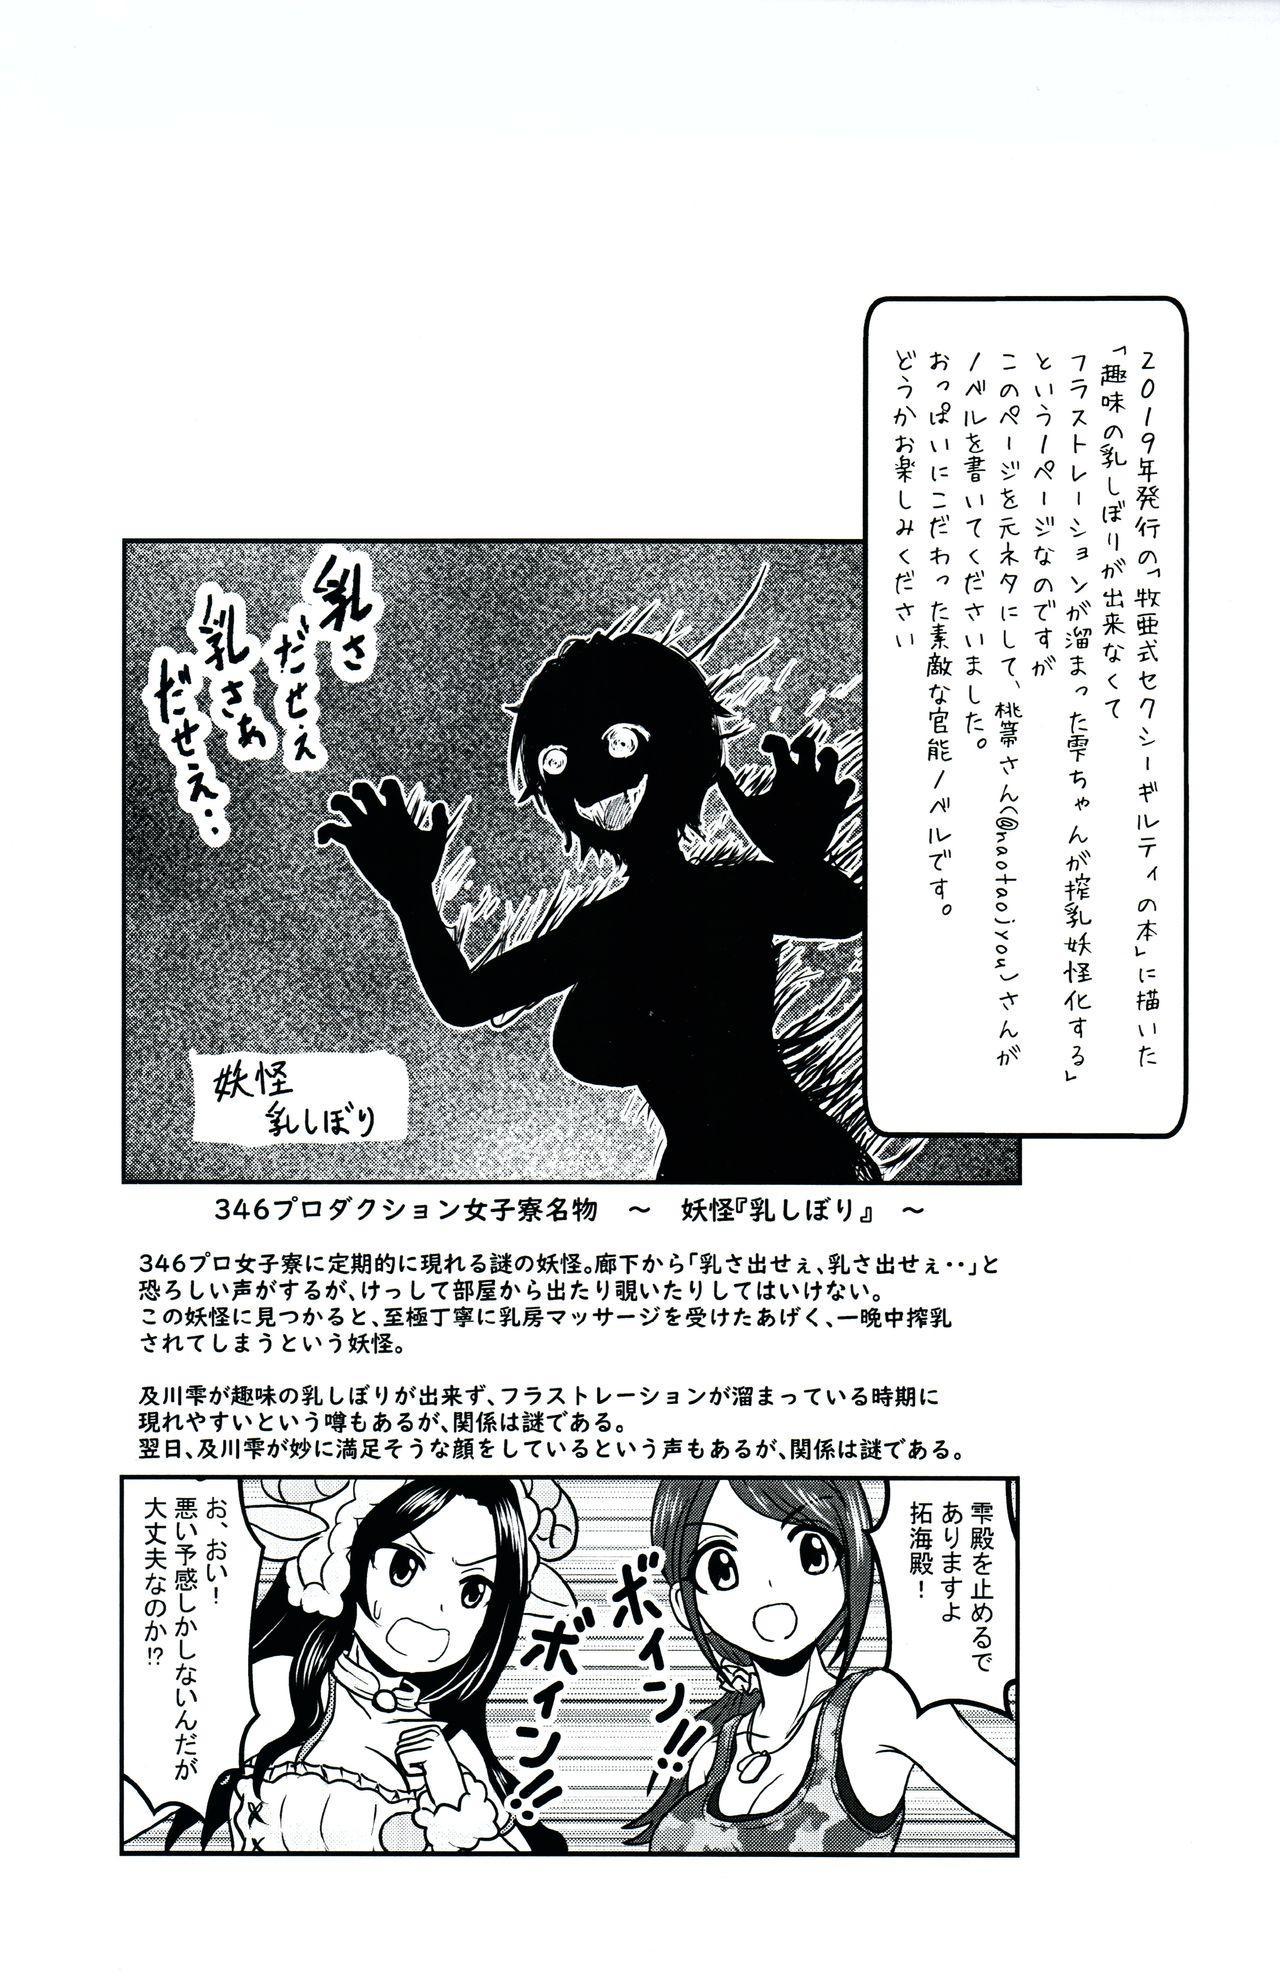 Shizuku Challenge! Takumin Hitsuji-san no Chichishibori! RX 8